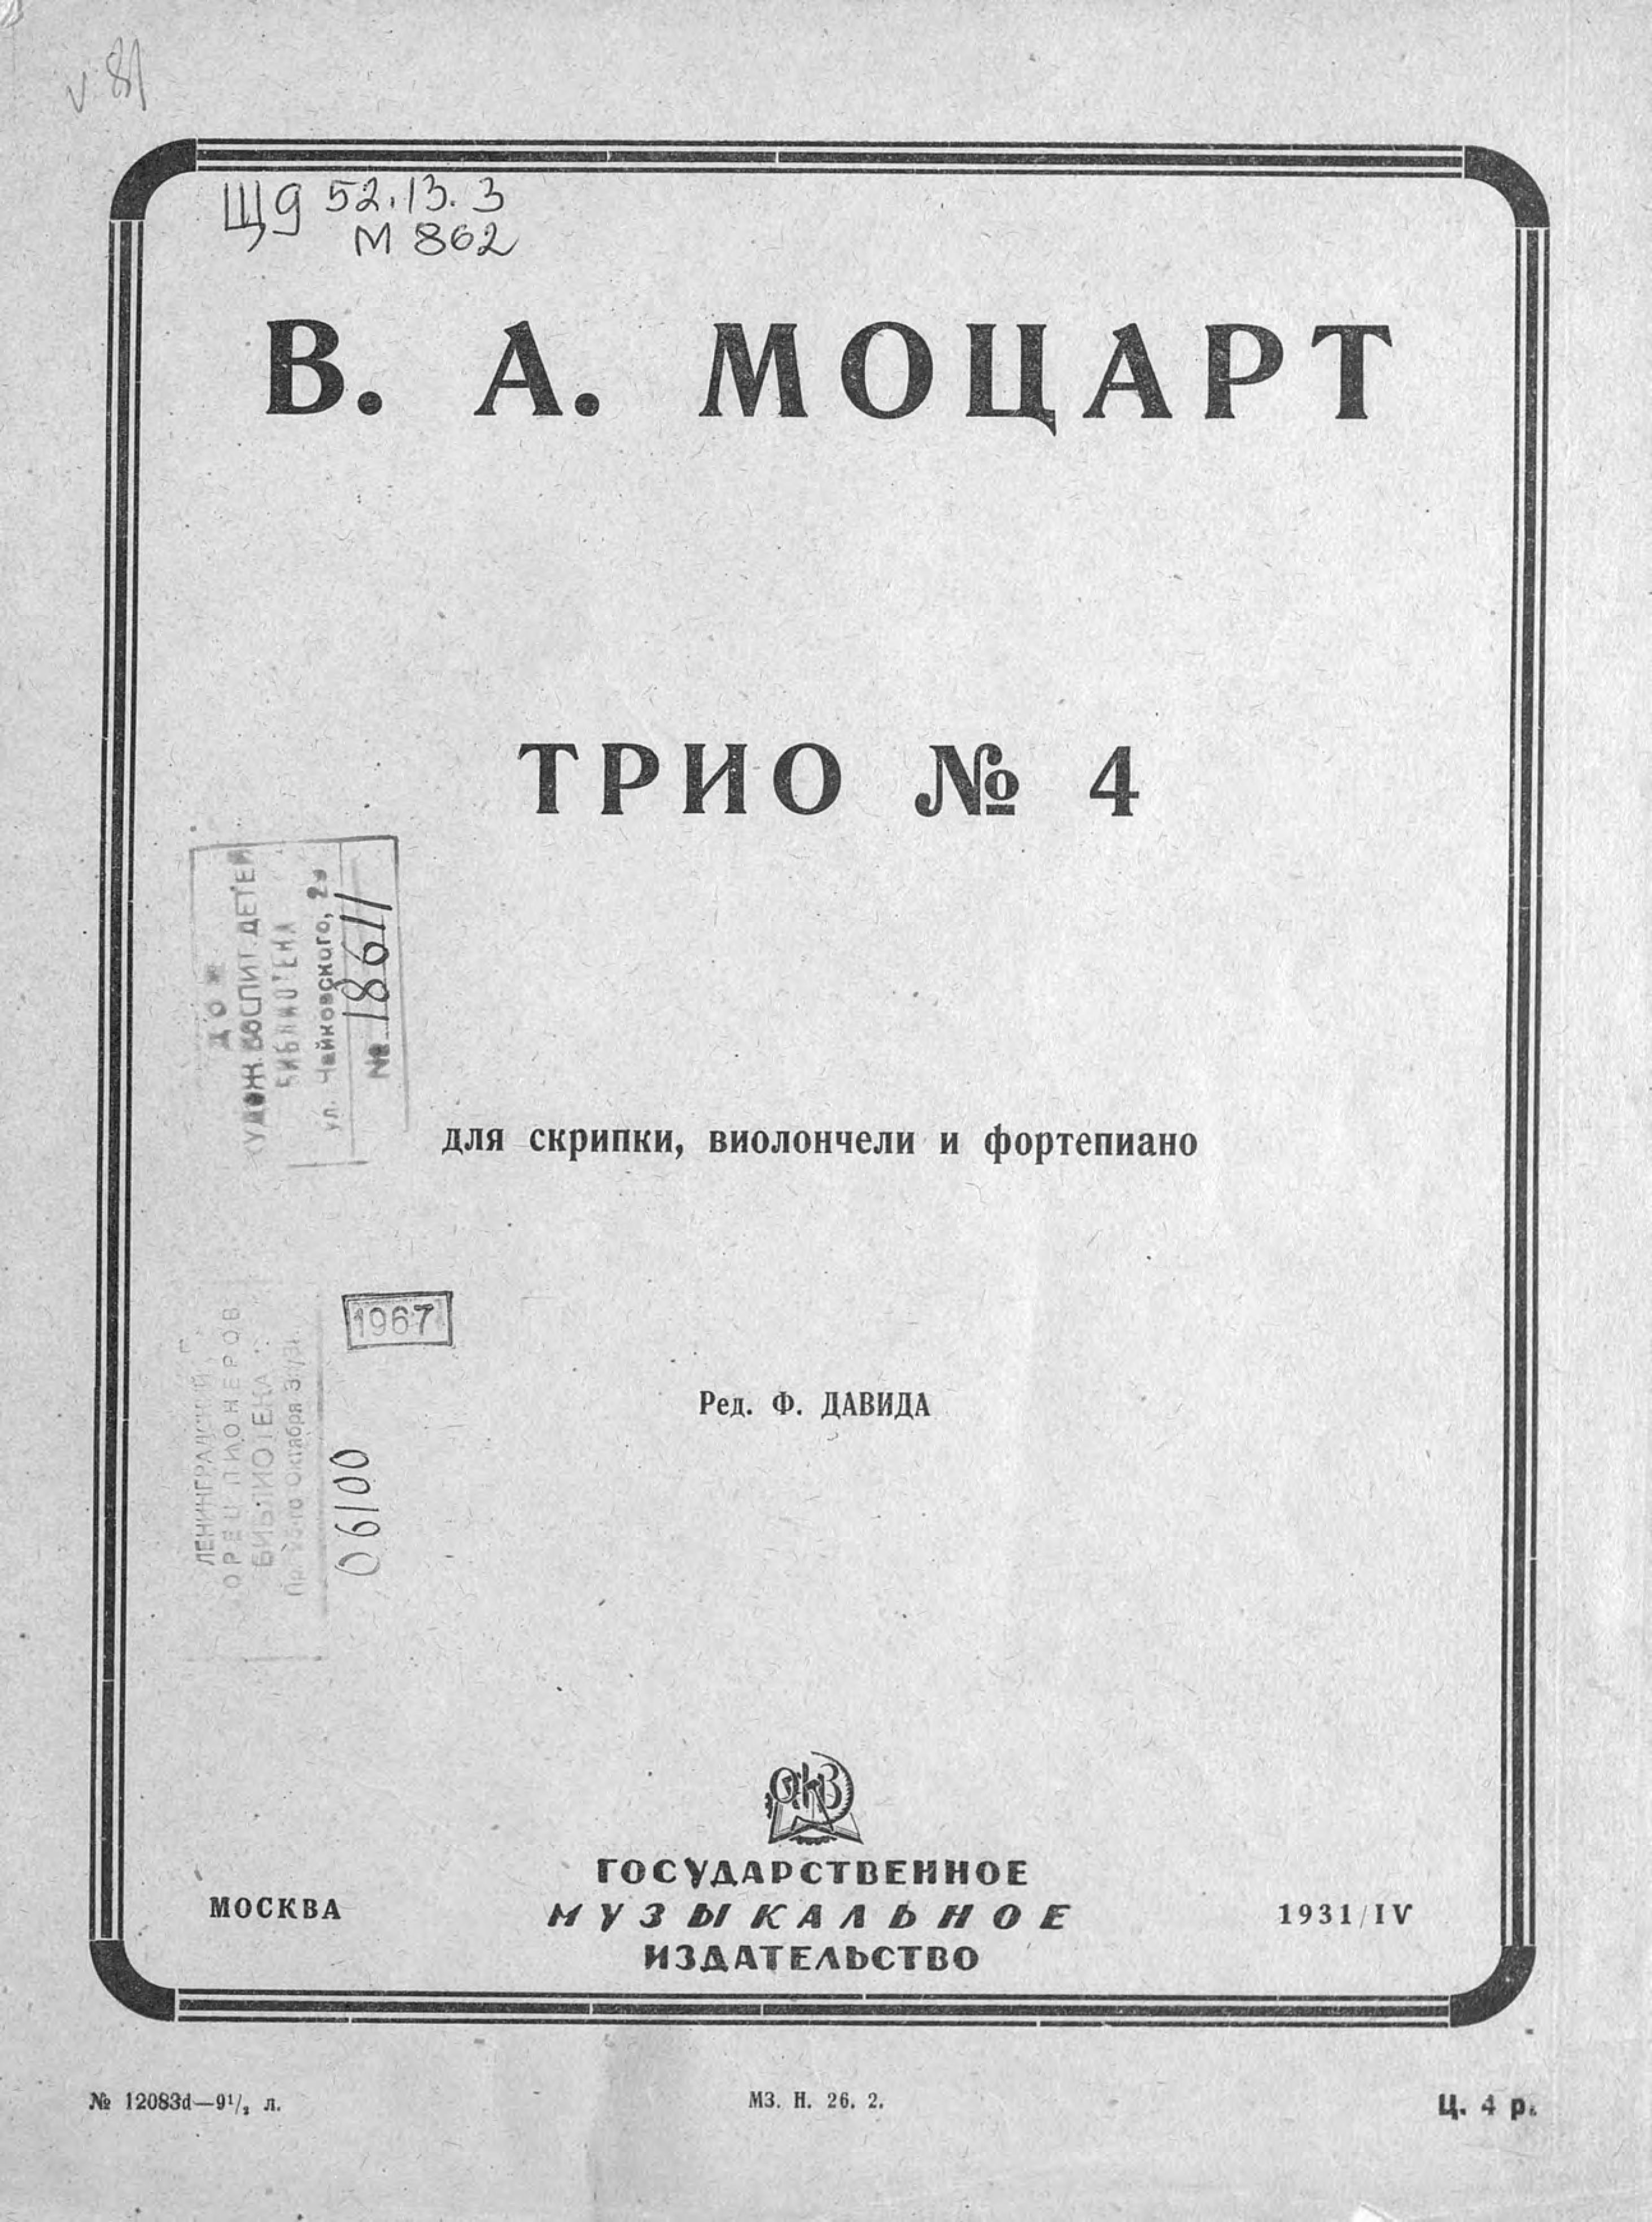 Вольфганг Амадей Моцарт Трио № 4 вольфганг амадей моцарт колыбельная песня